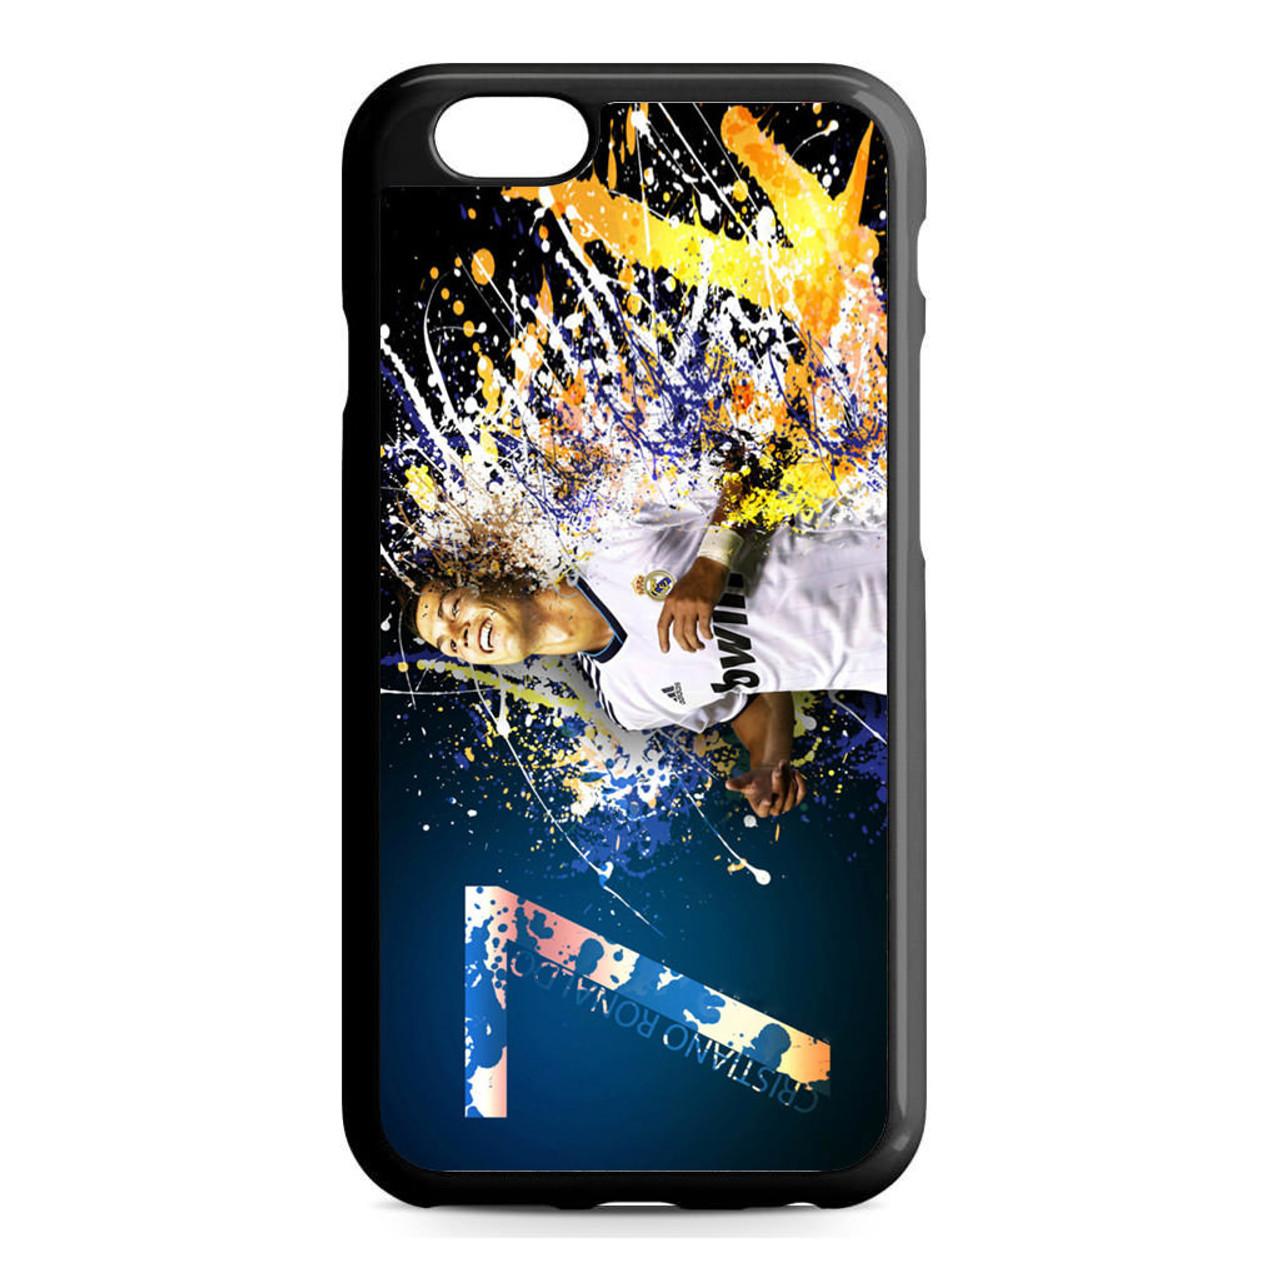 ronaldo iphone 6 case